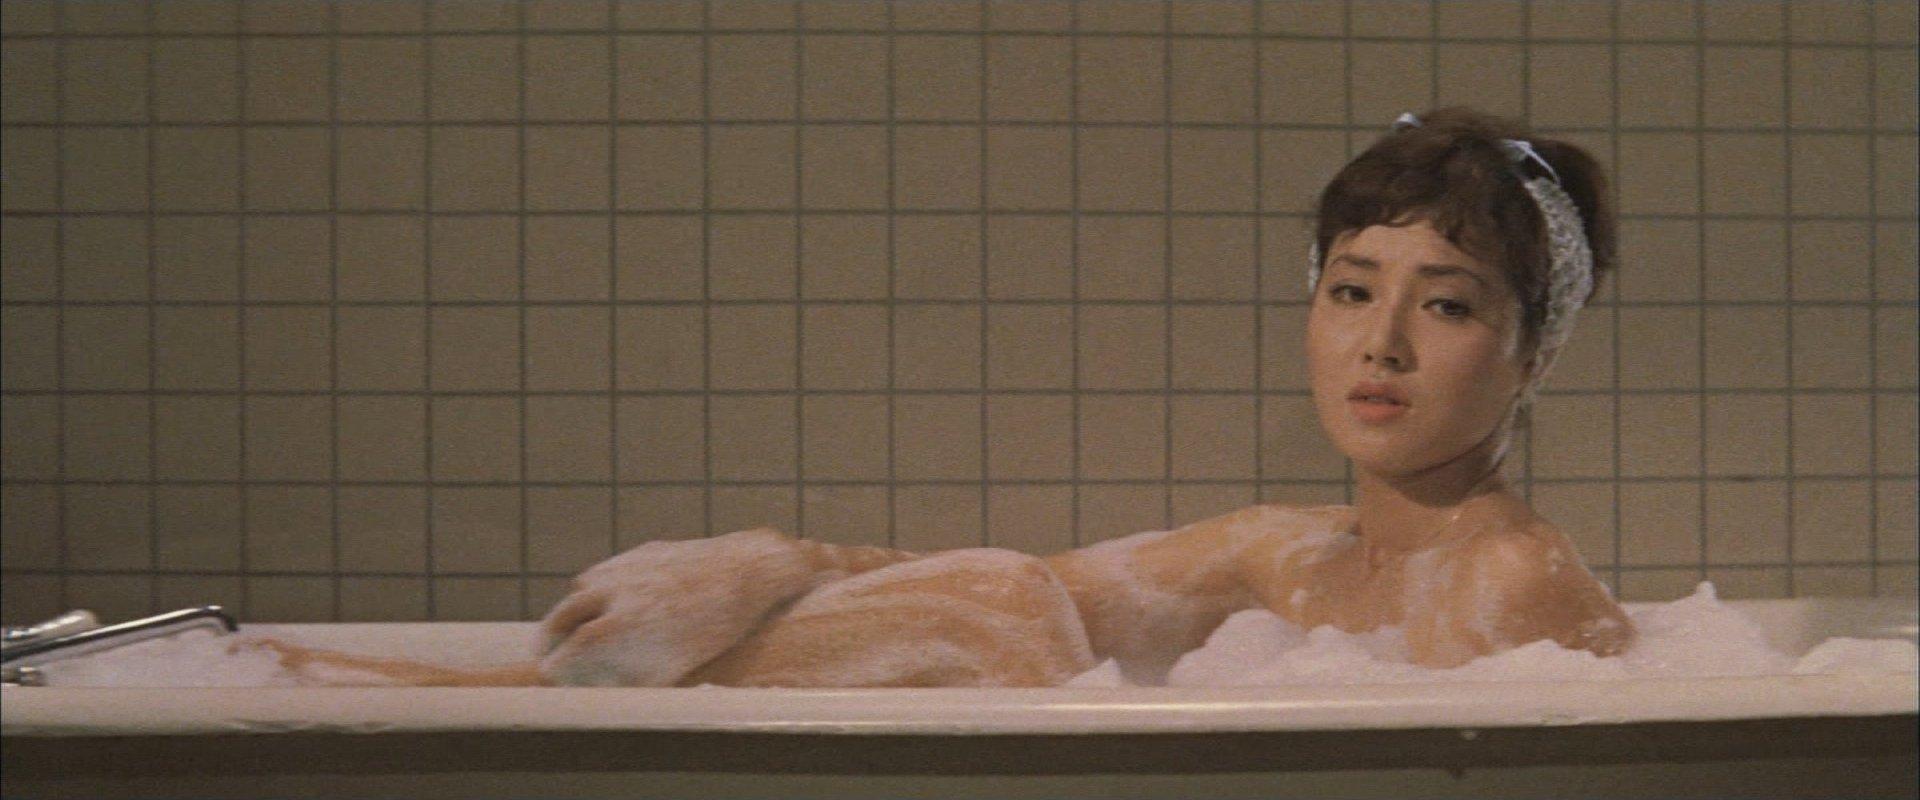 『妖星ゴラス』水野久美さん(入浴)